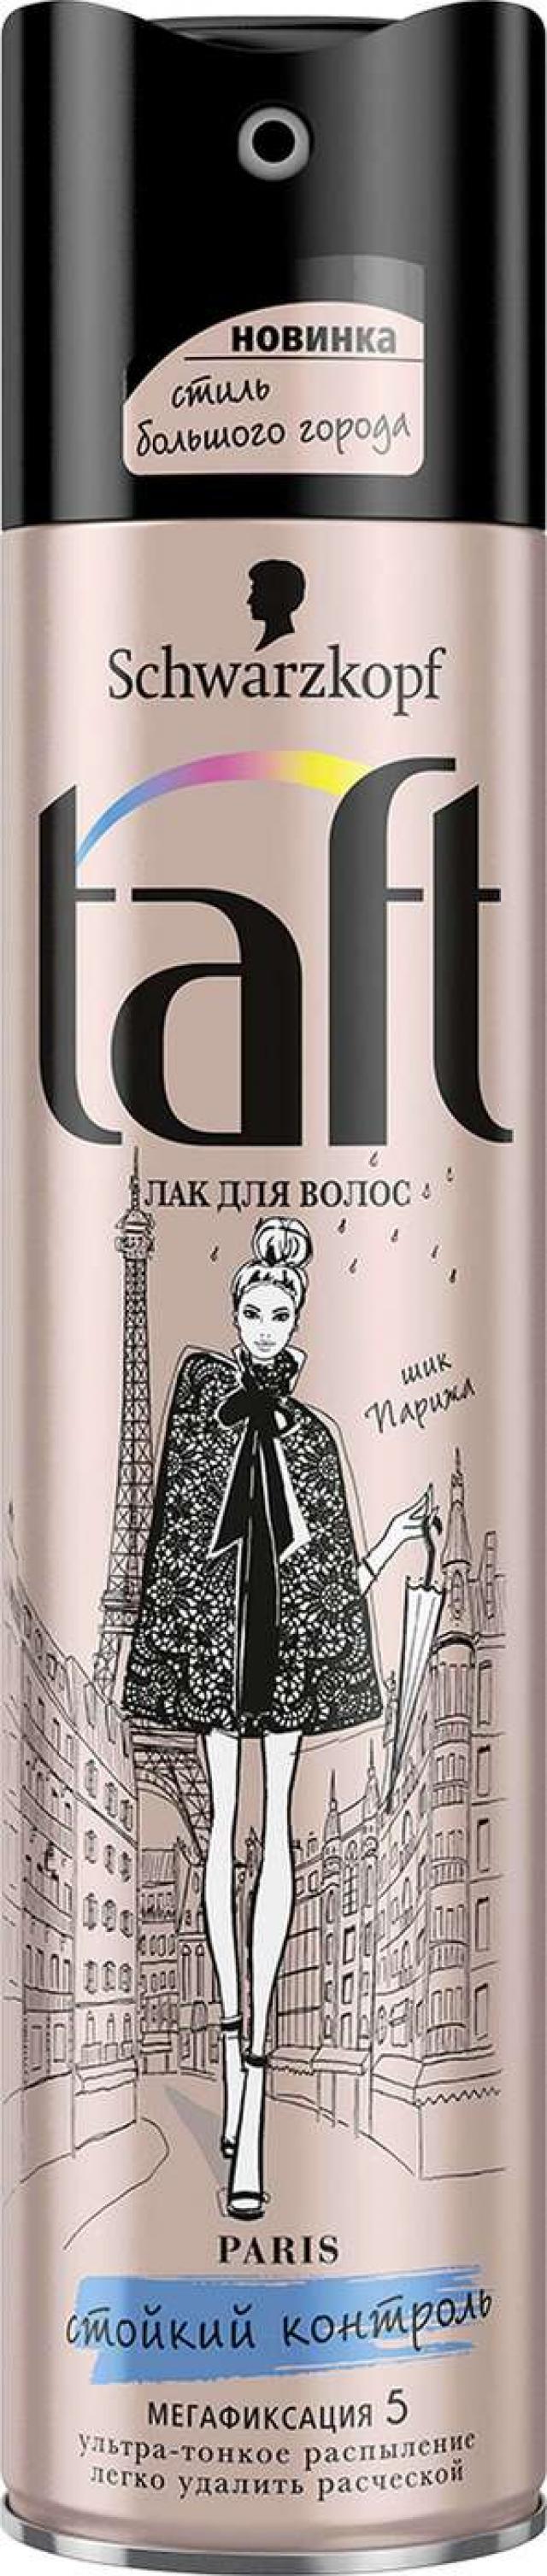 Тафт лак для волос Париж 225мл купить в Москве по цене от 0 рублей